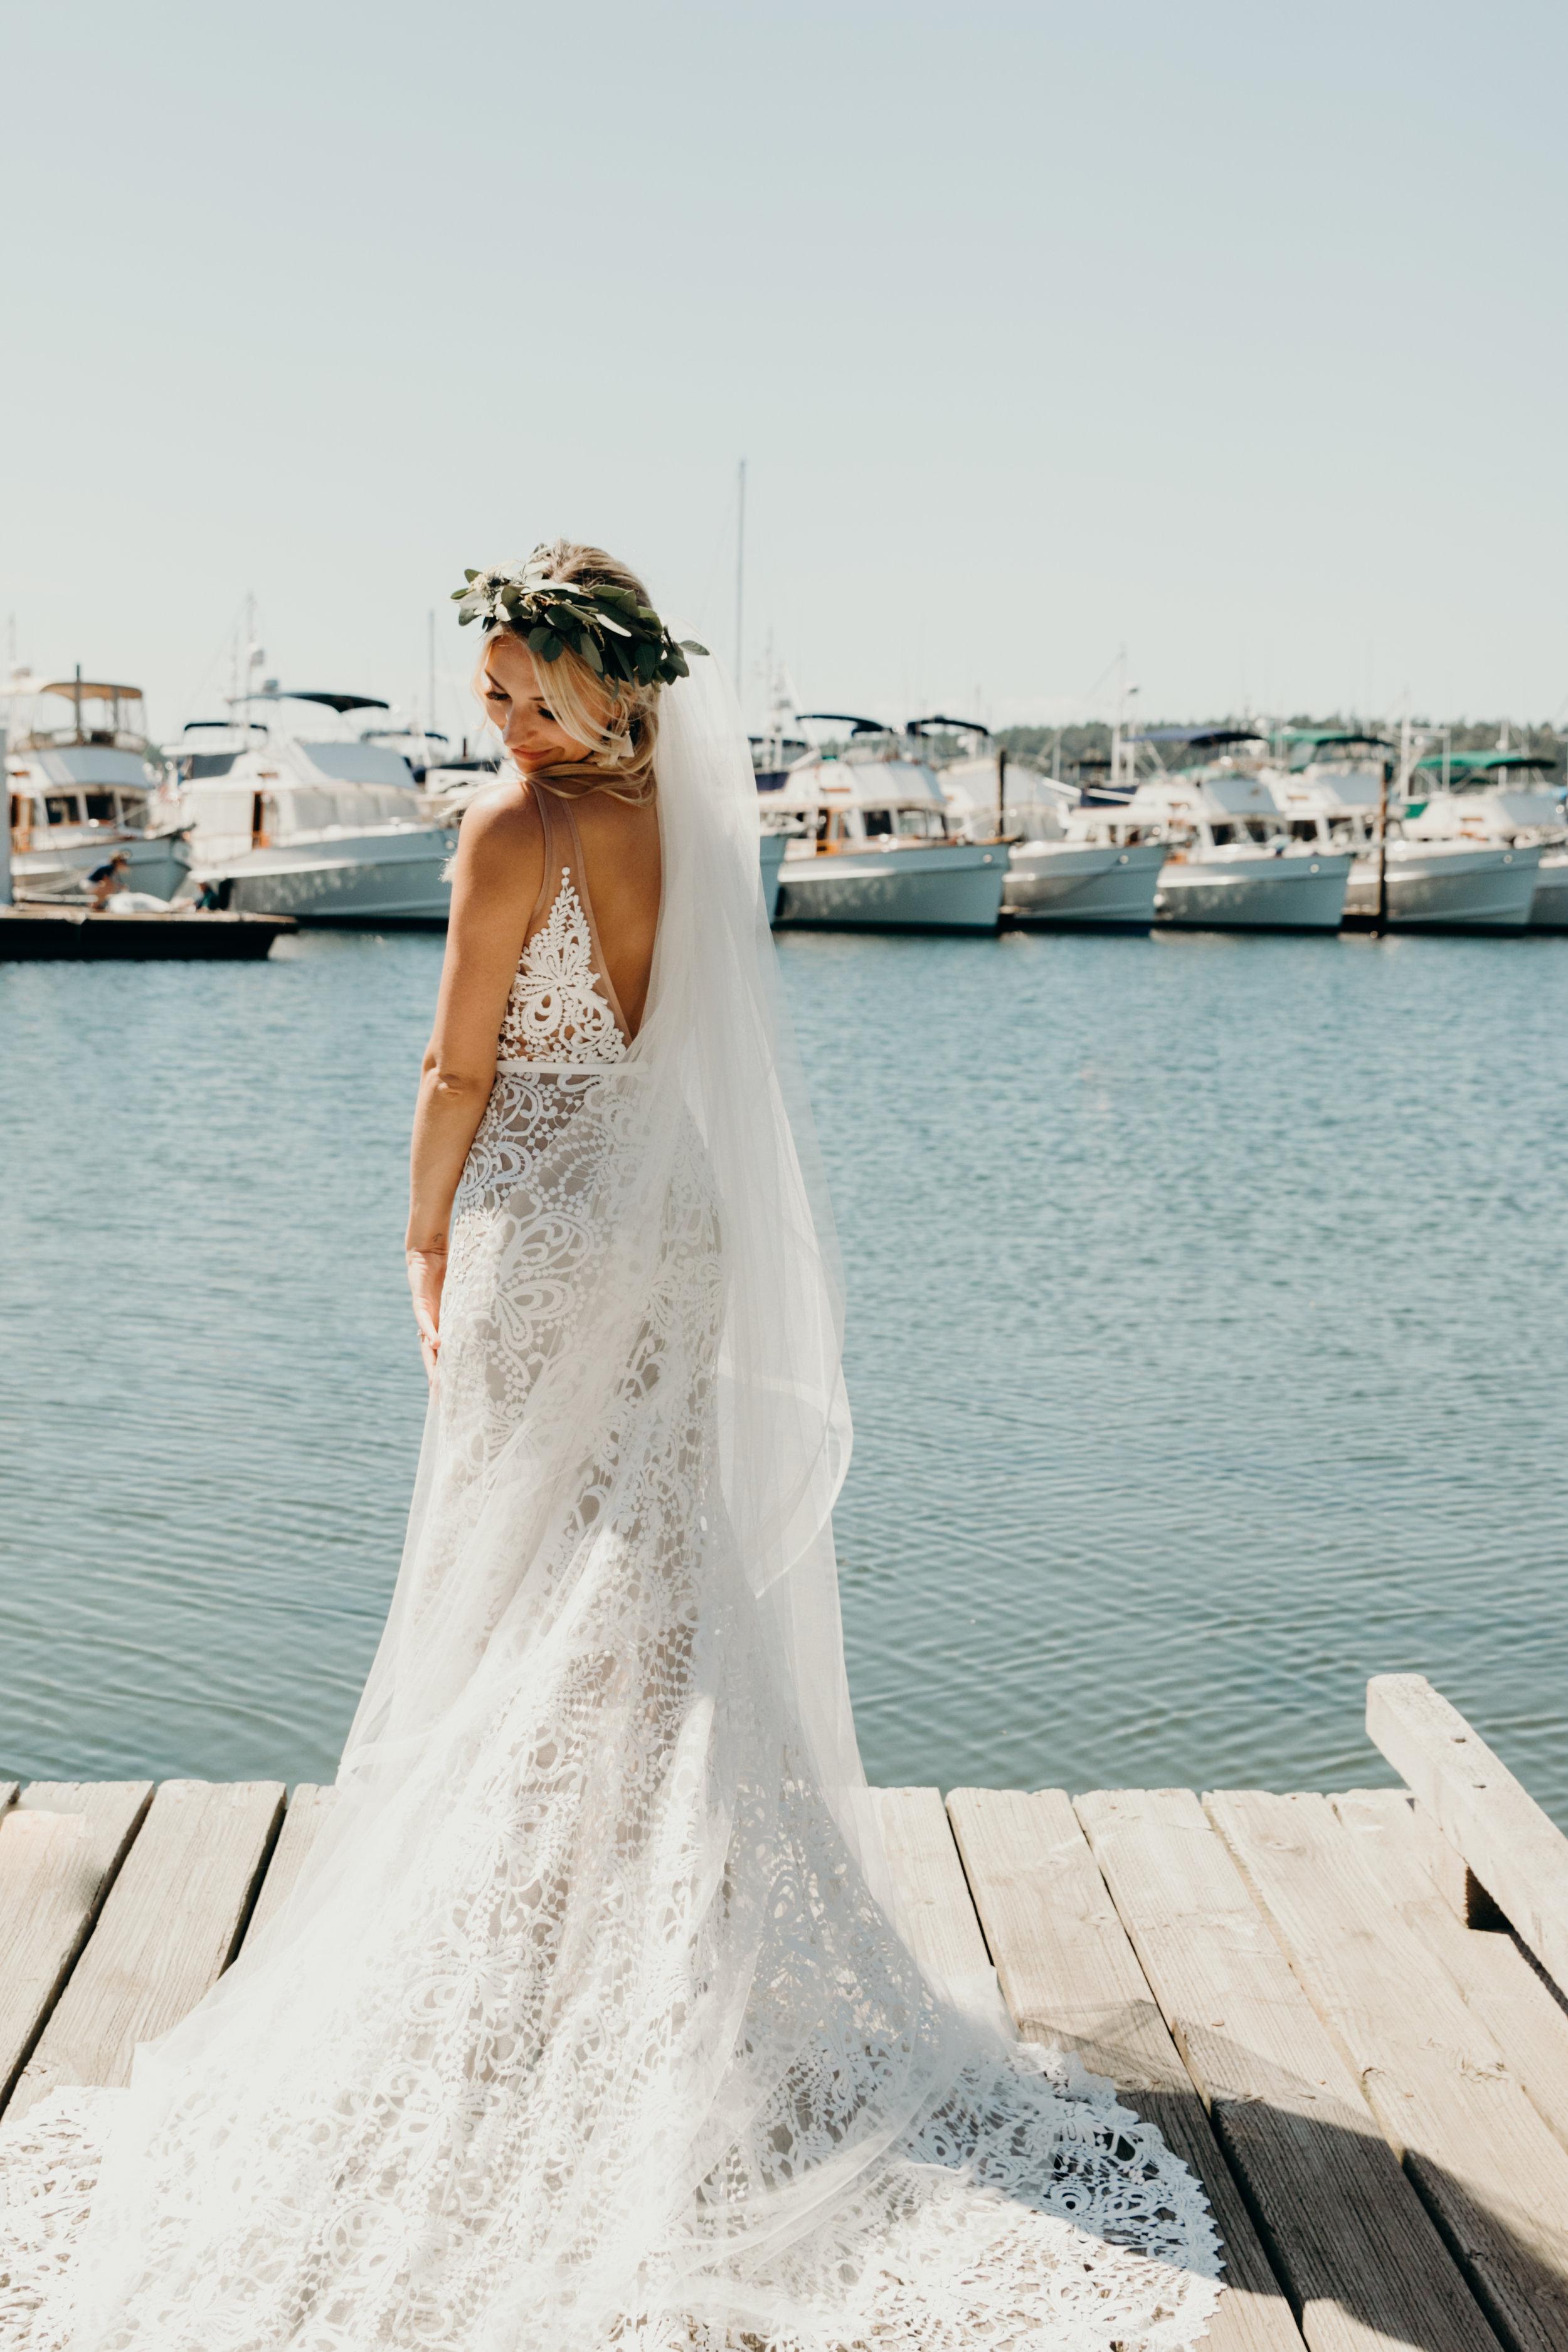 brides+-90 copy.jpg